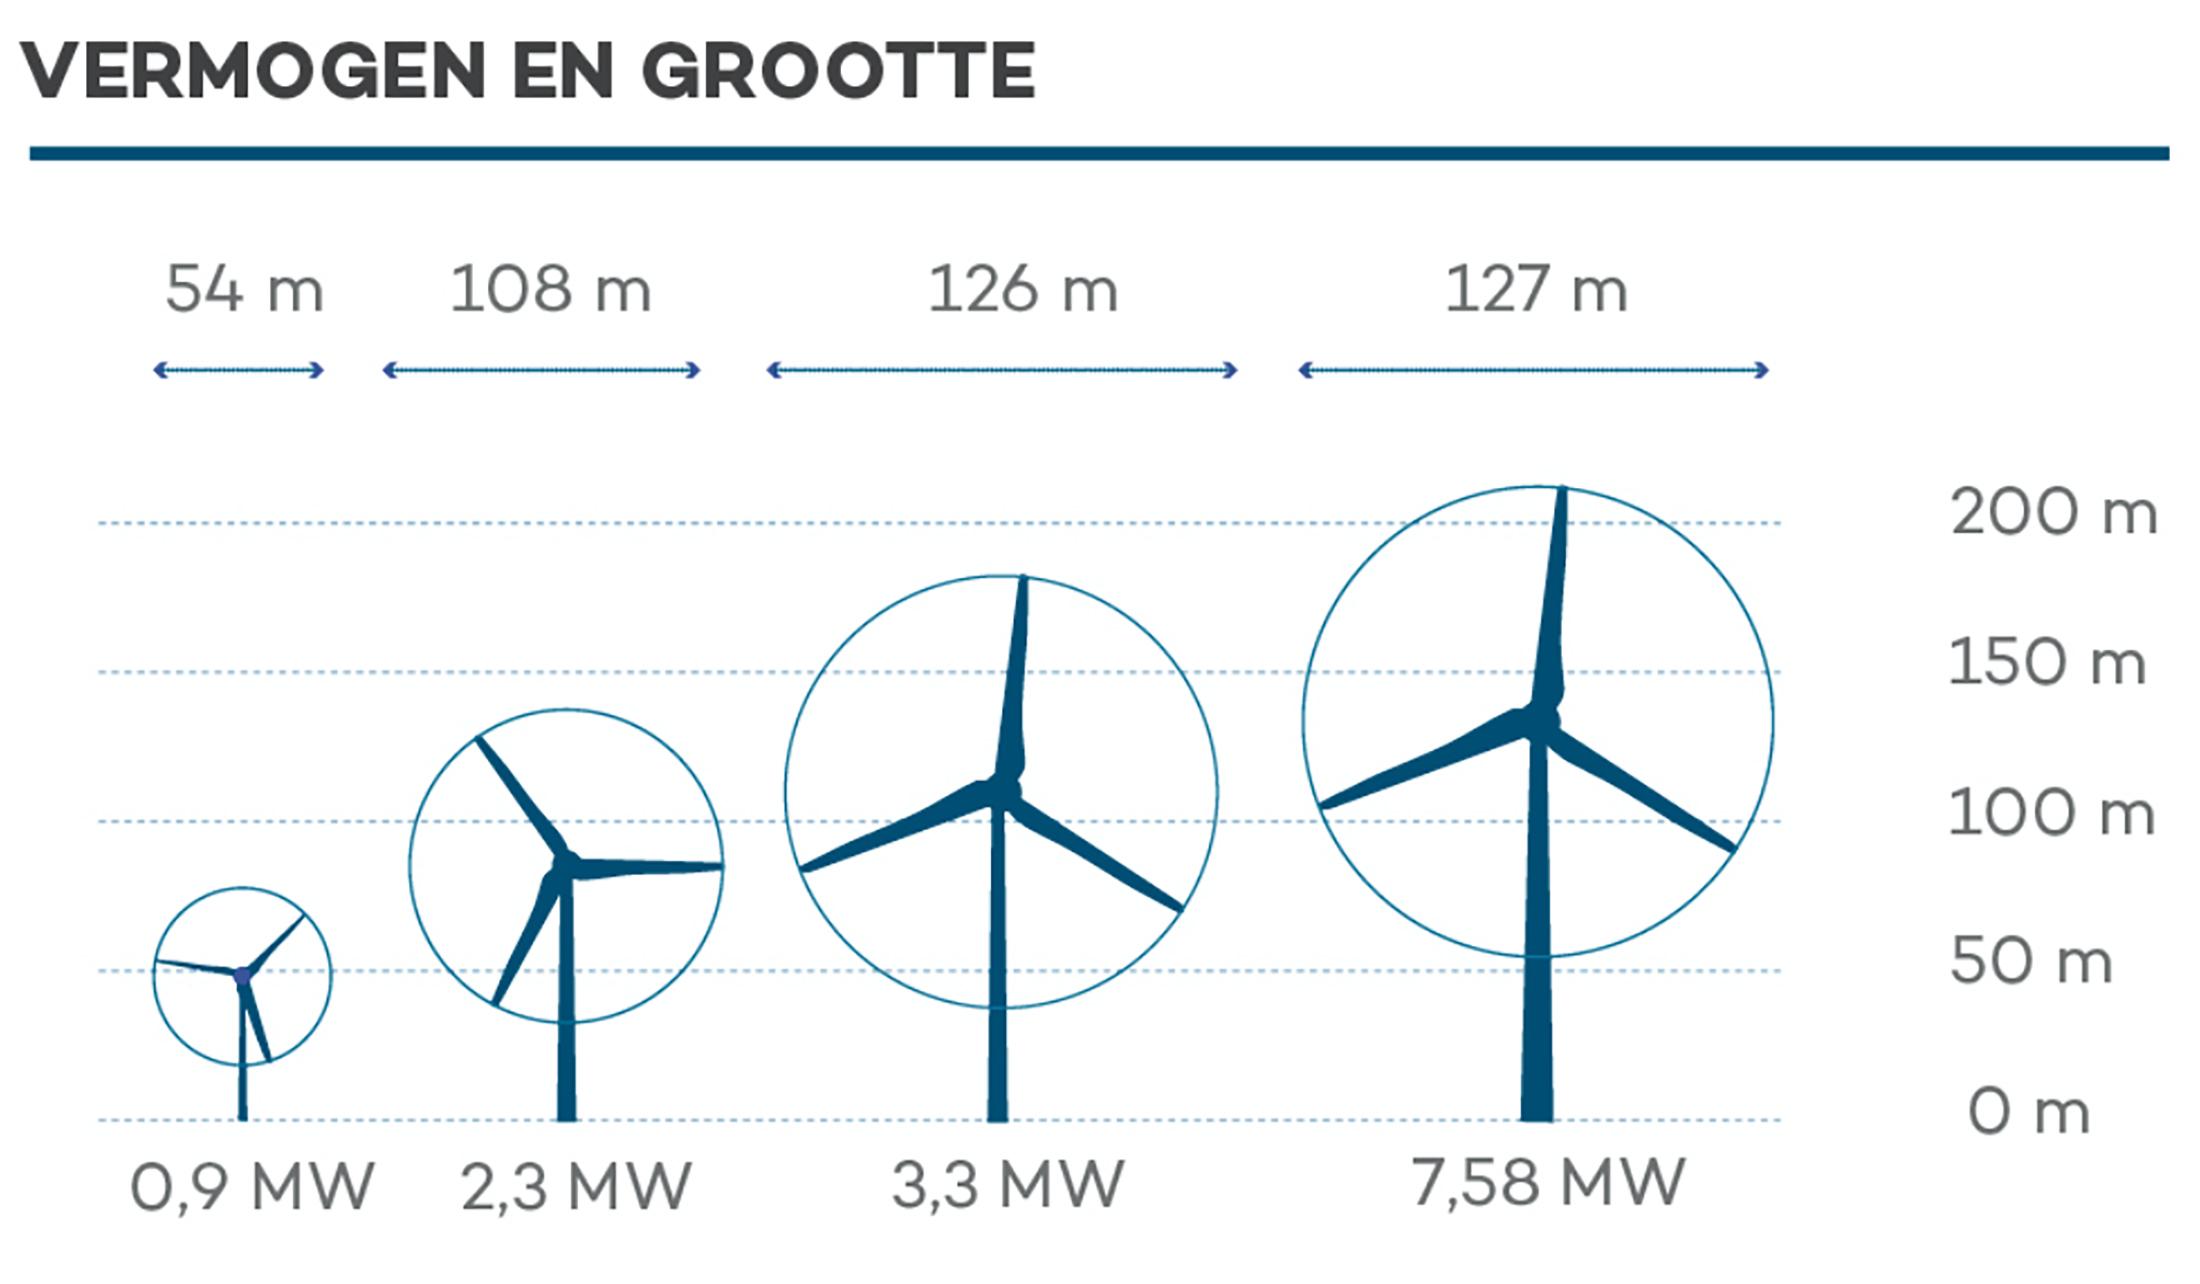 POSAD vermogen en grootte windmolens